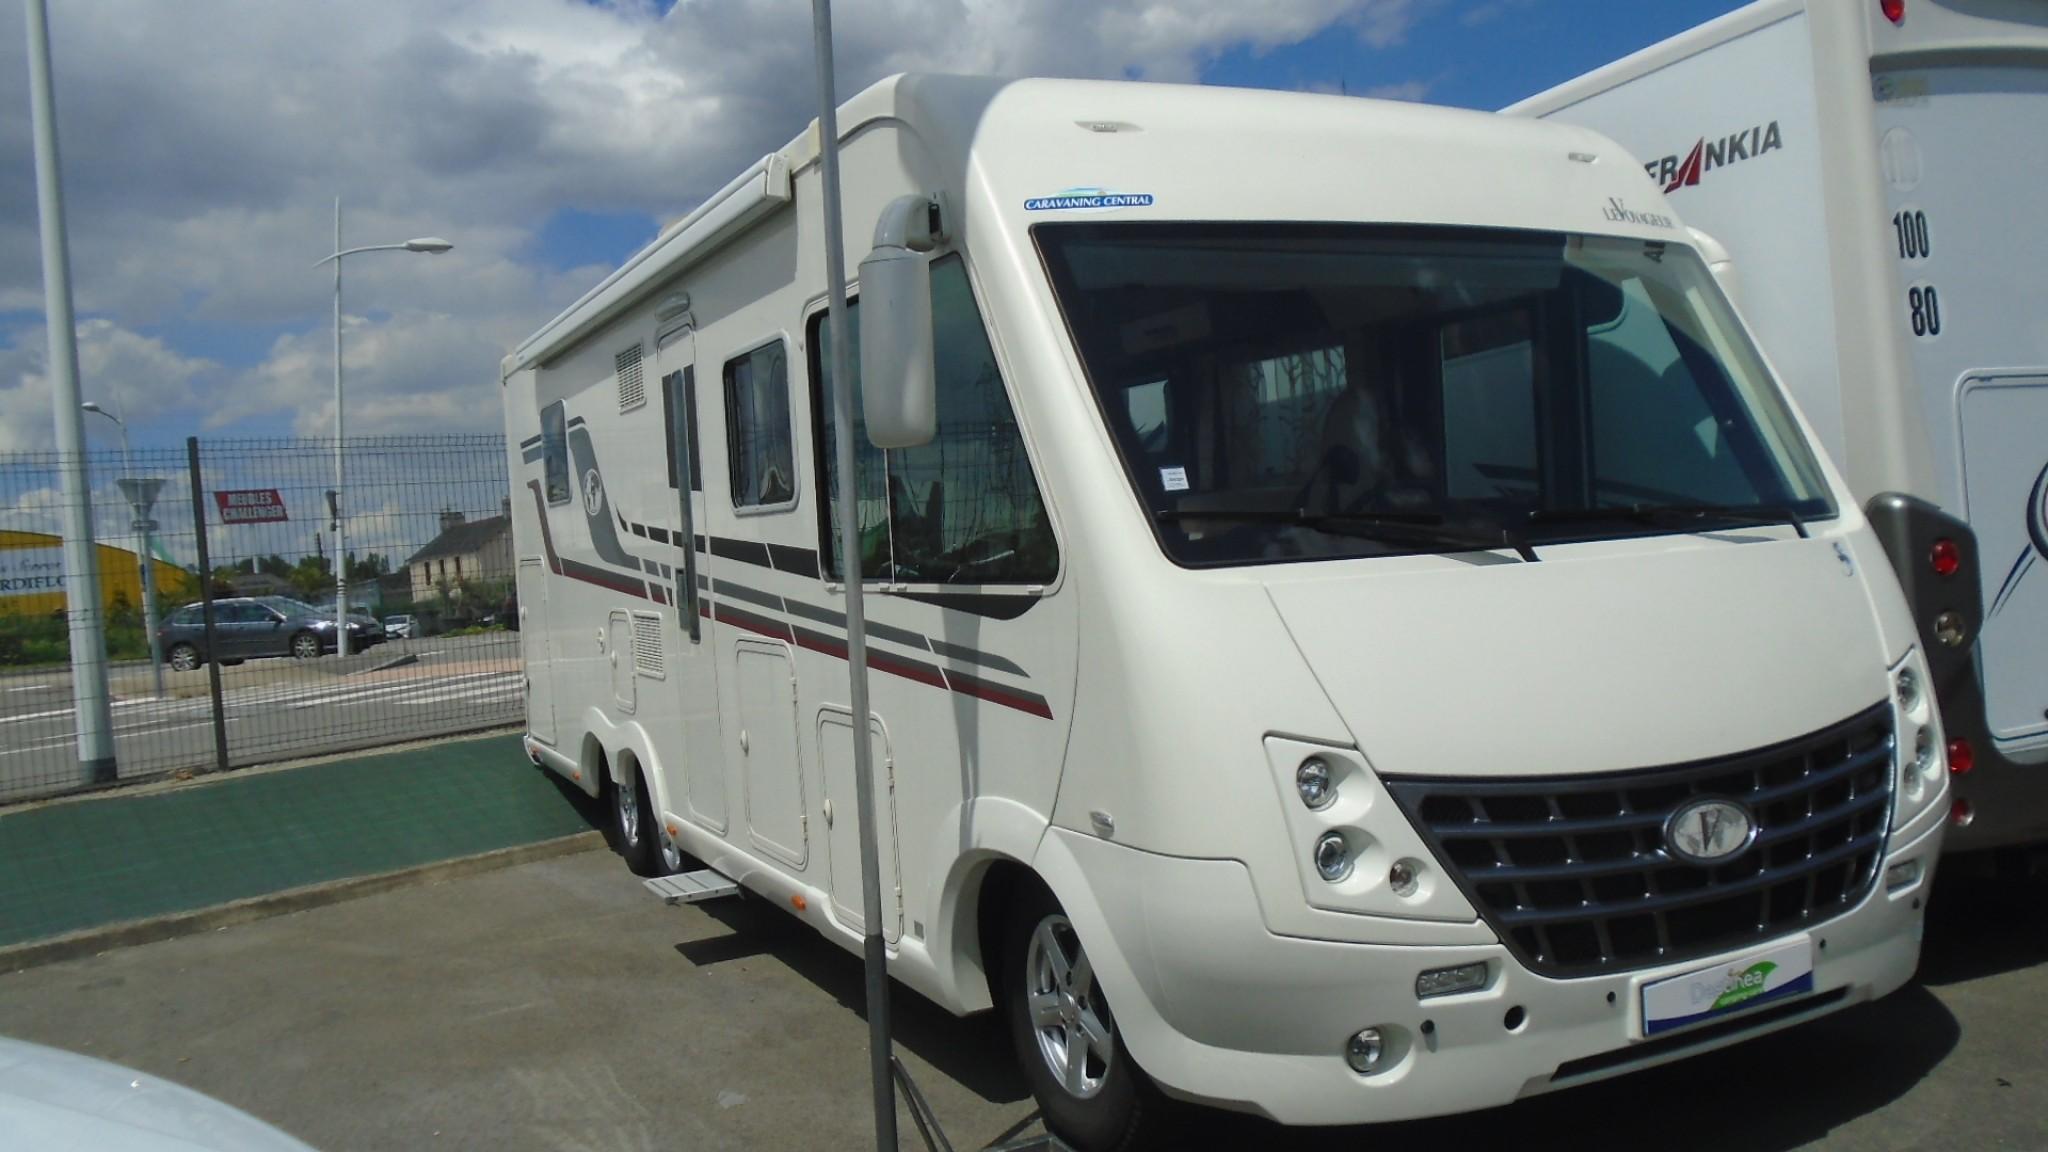 le voyageur lv 958 occasion de 2013 - fiat - camping car en vente  u00e0 reze  loire atlantique